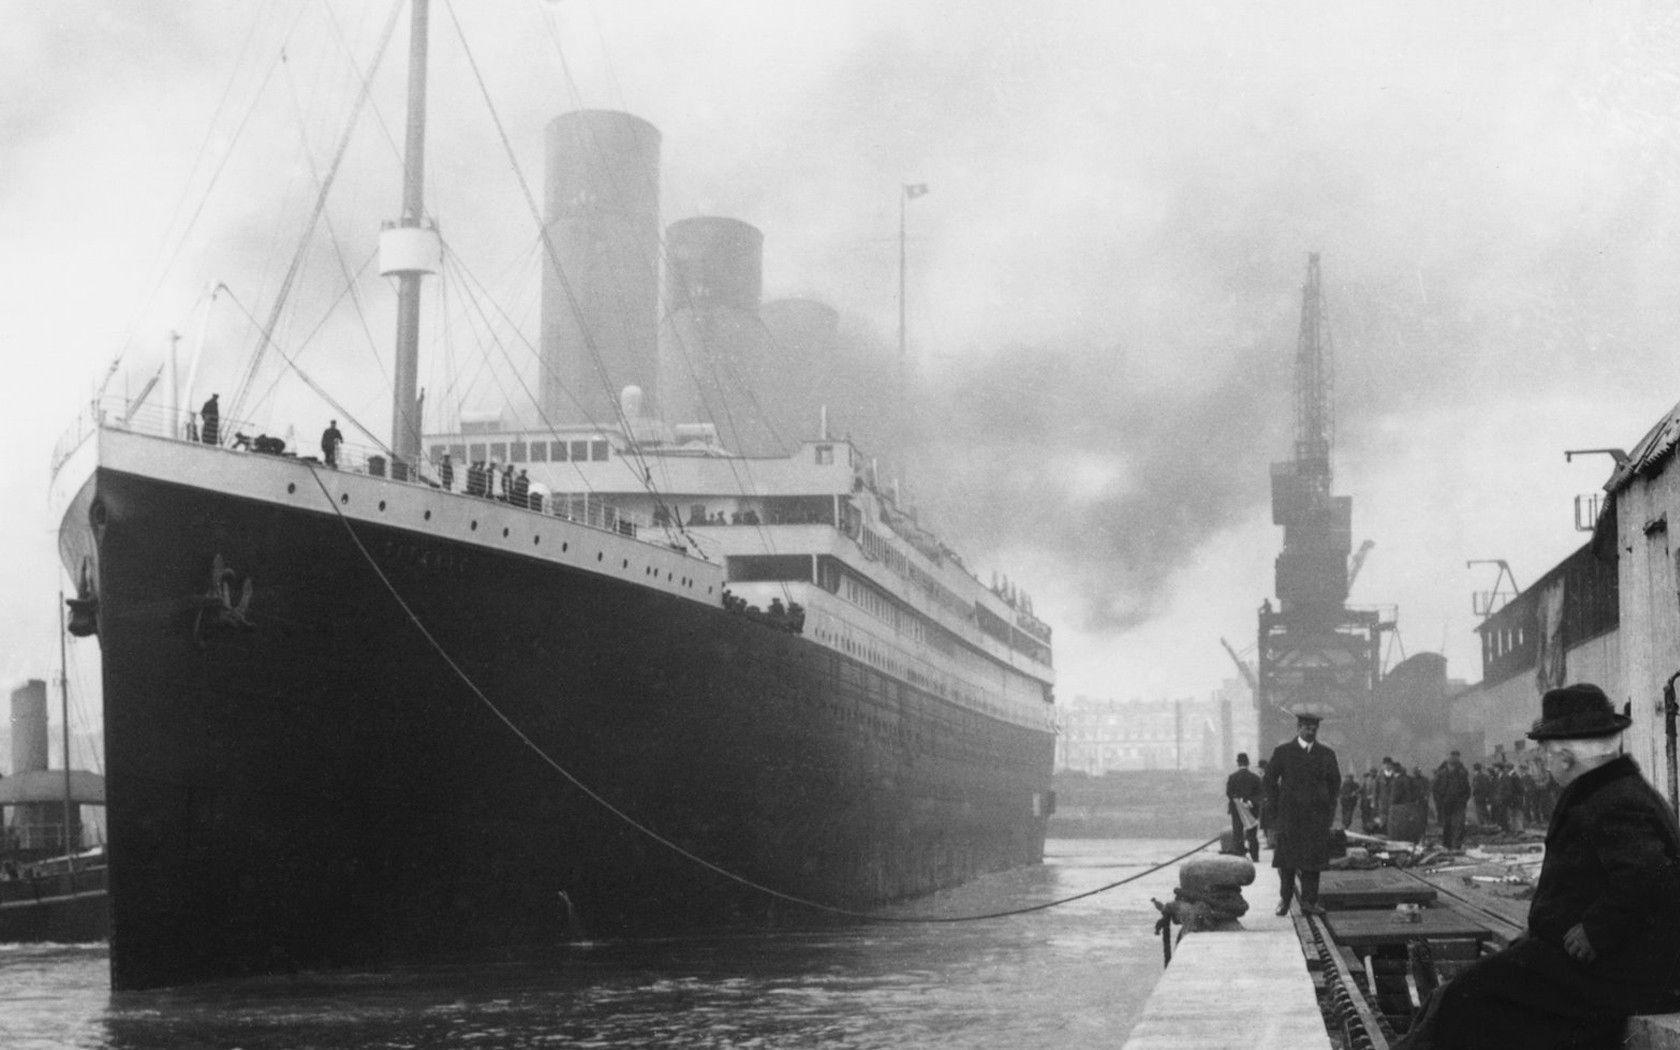 Fonds d'écran Titanic : tous les wallpapers Titanic